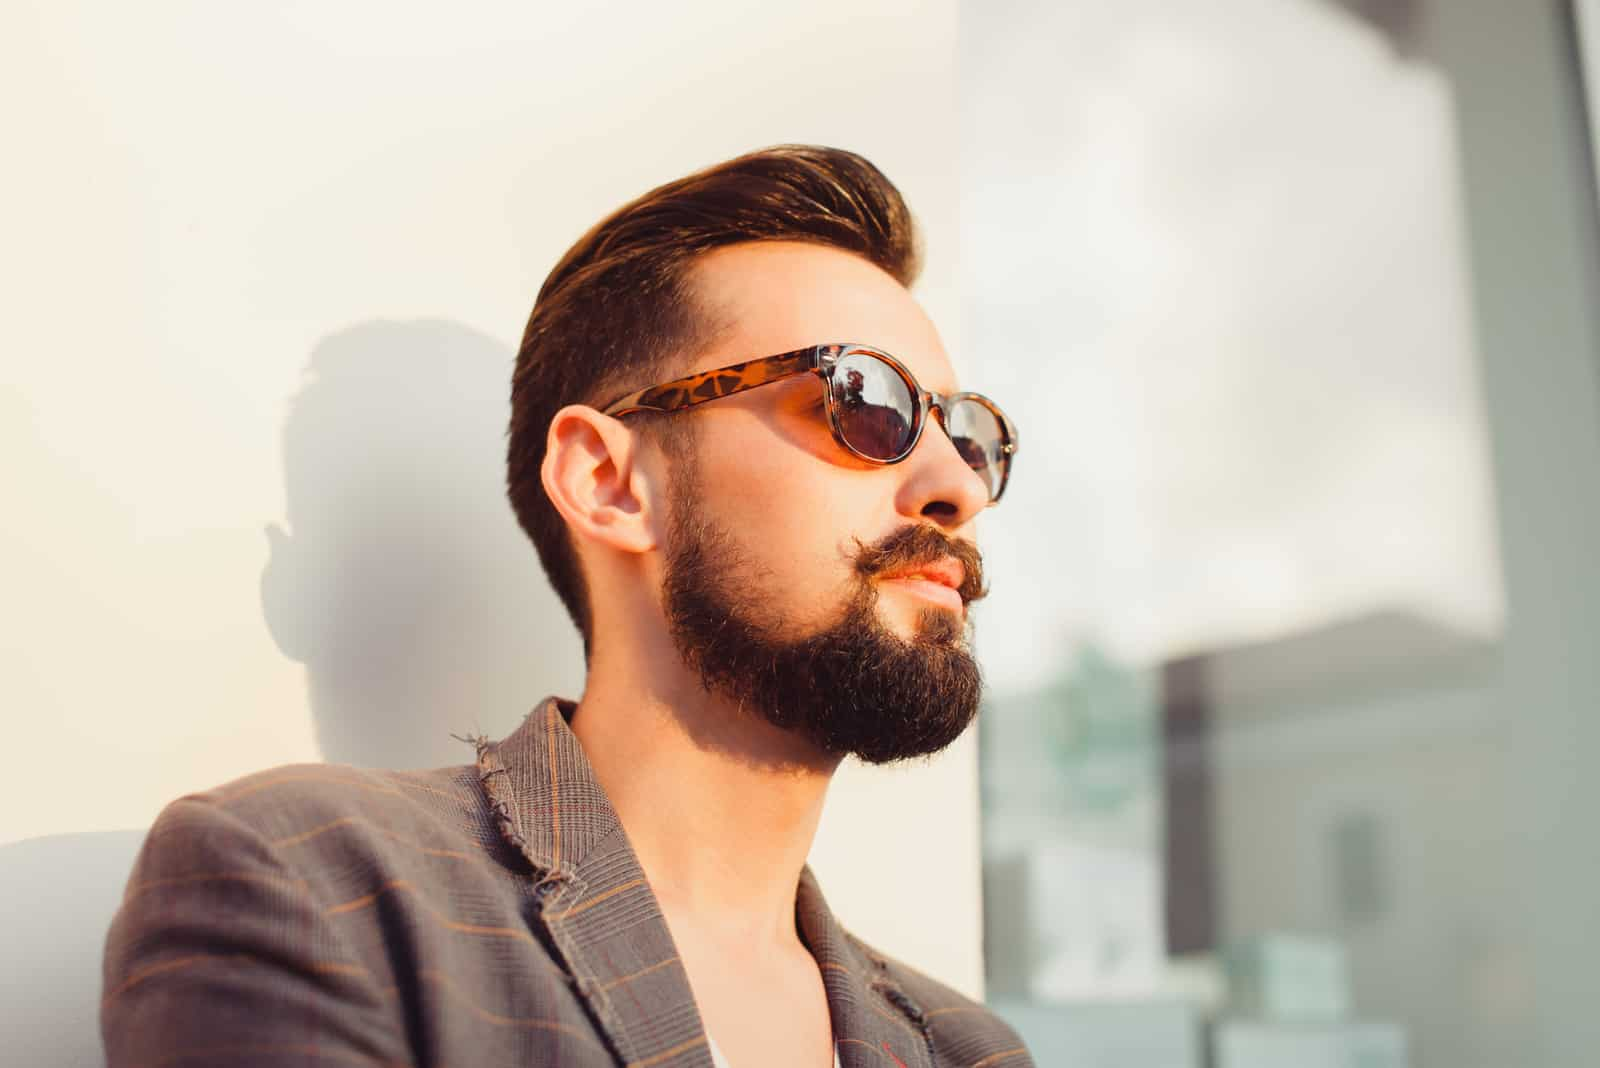 ung skägg man bär solglasögon